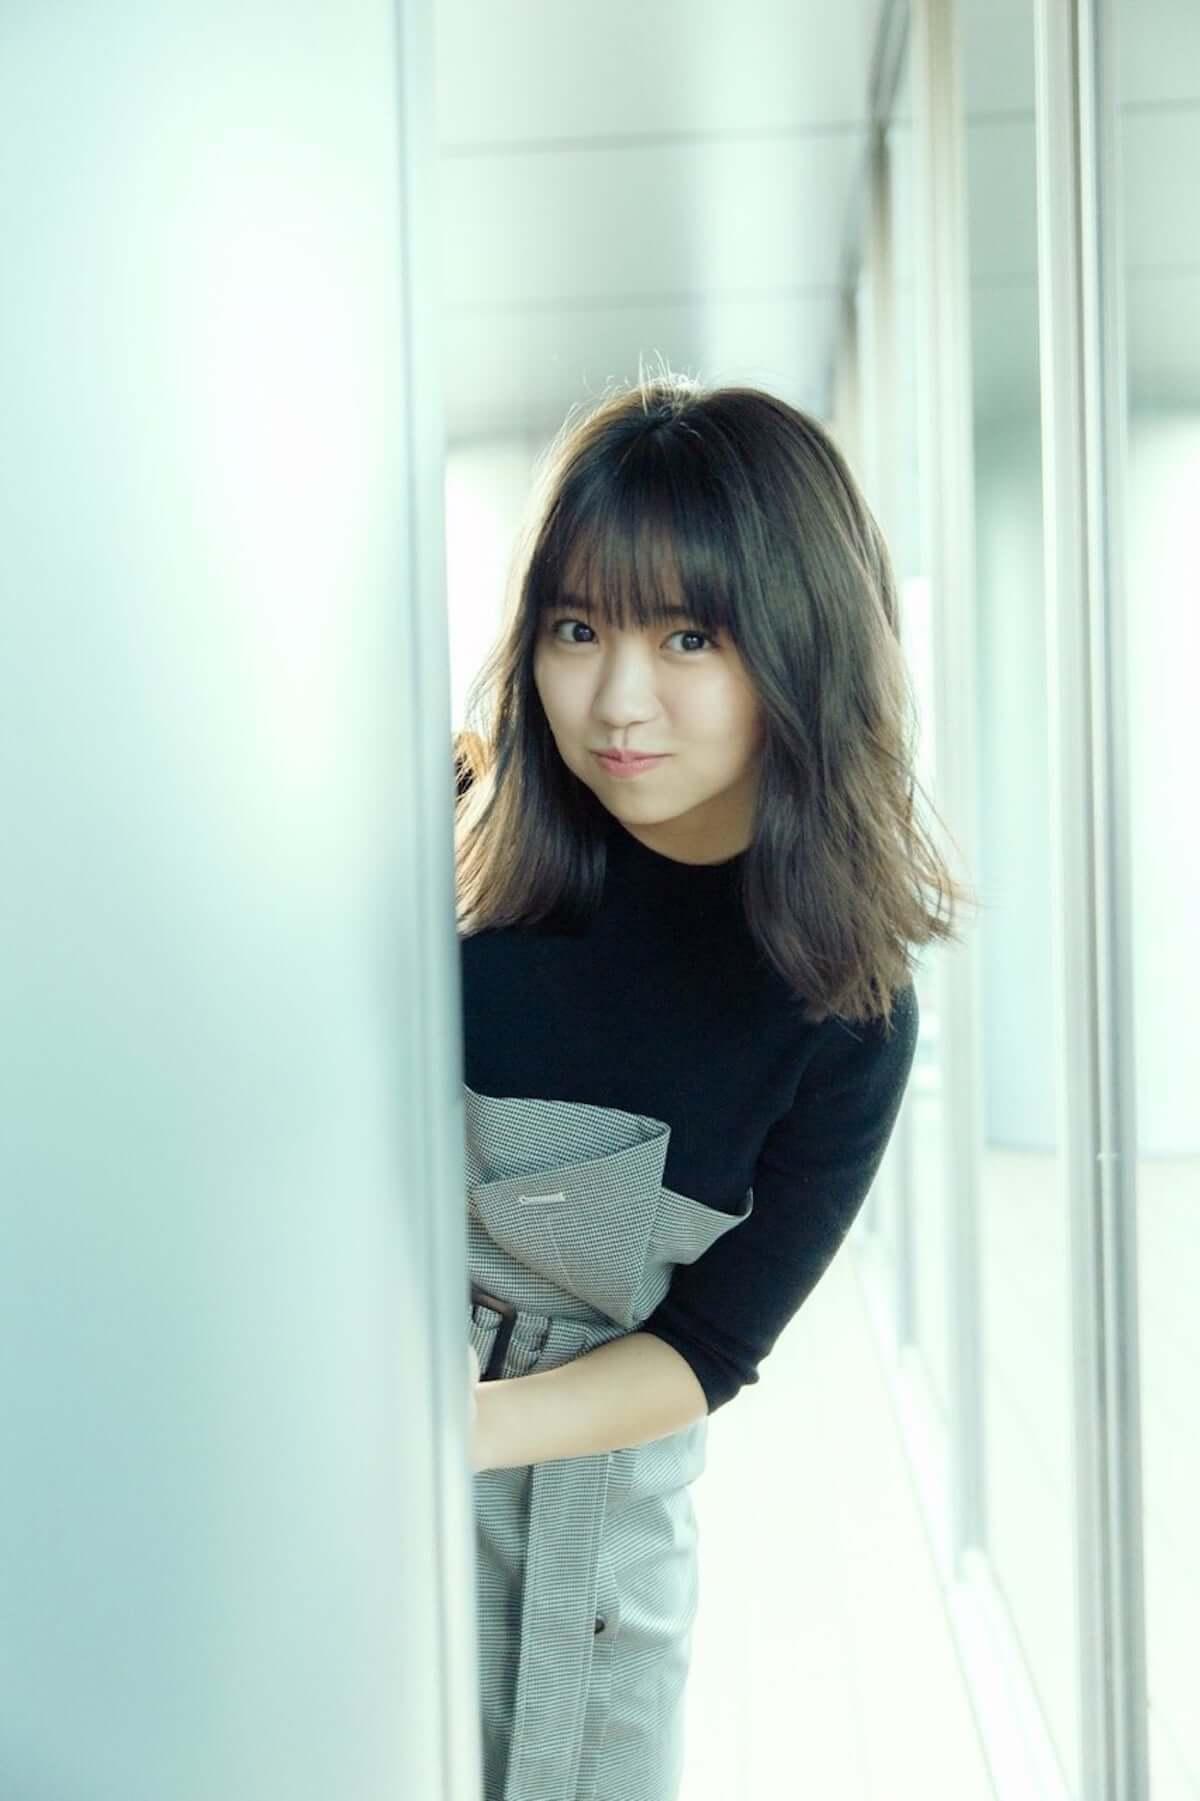 大原優乃のひょっこりはん姿に可愛すぎると称賛の声「可愛いがすぎる」「世界一かわいいひょっこりはん」 culture190221-ohara-yuno-2-1200x1801